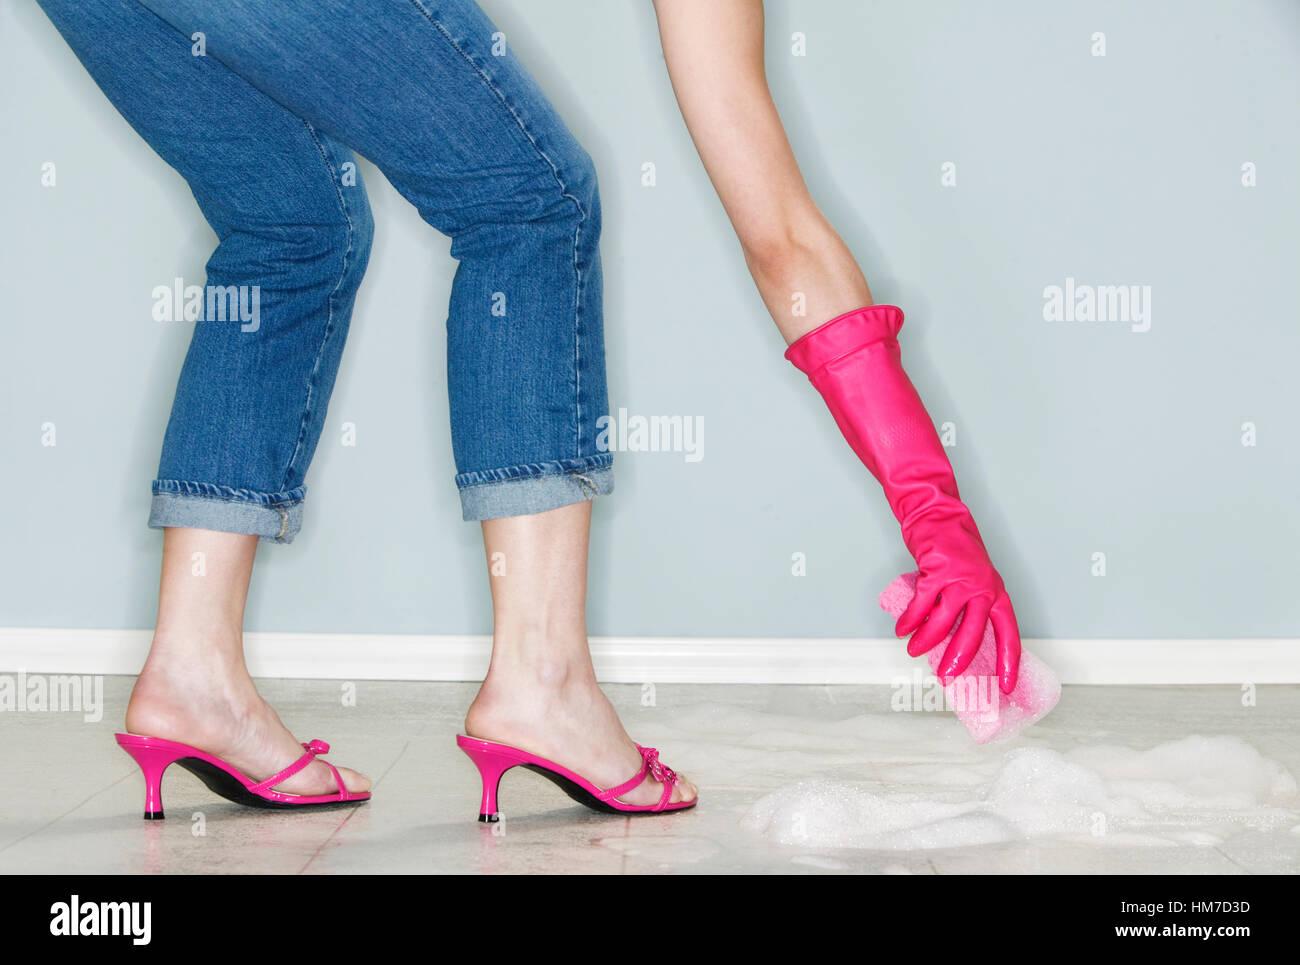 Reife Beine und High Heels